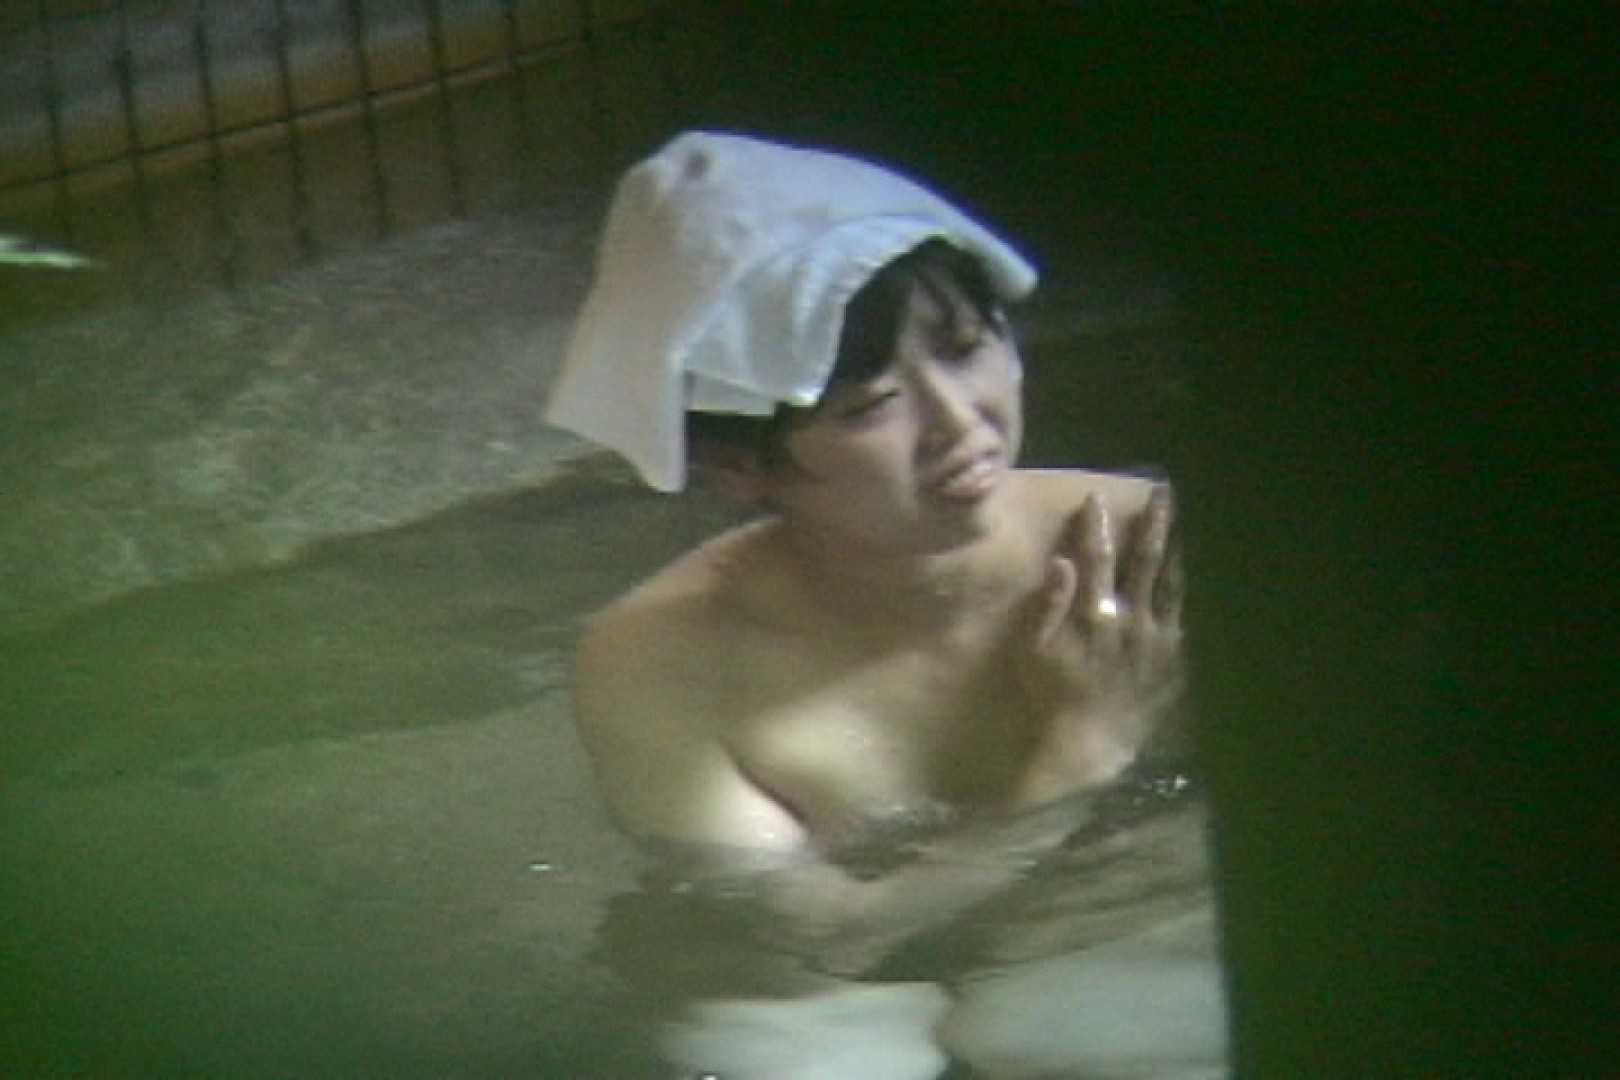 Aquaな露天風呂Vol.701 美しいOLの裸体   盗撮師作品  80pic 67